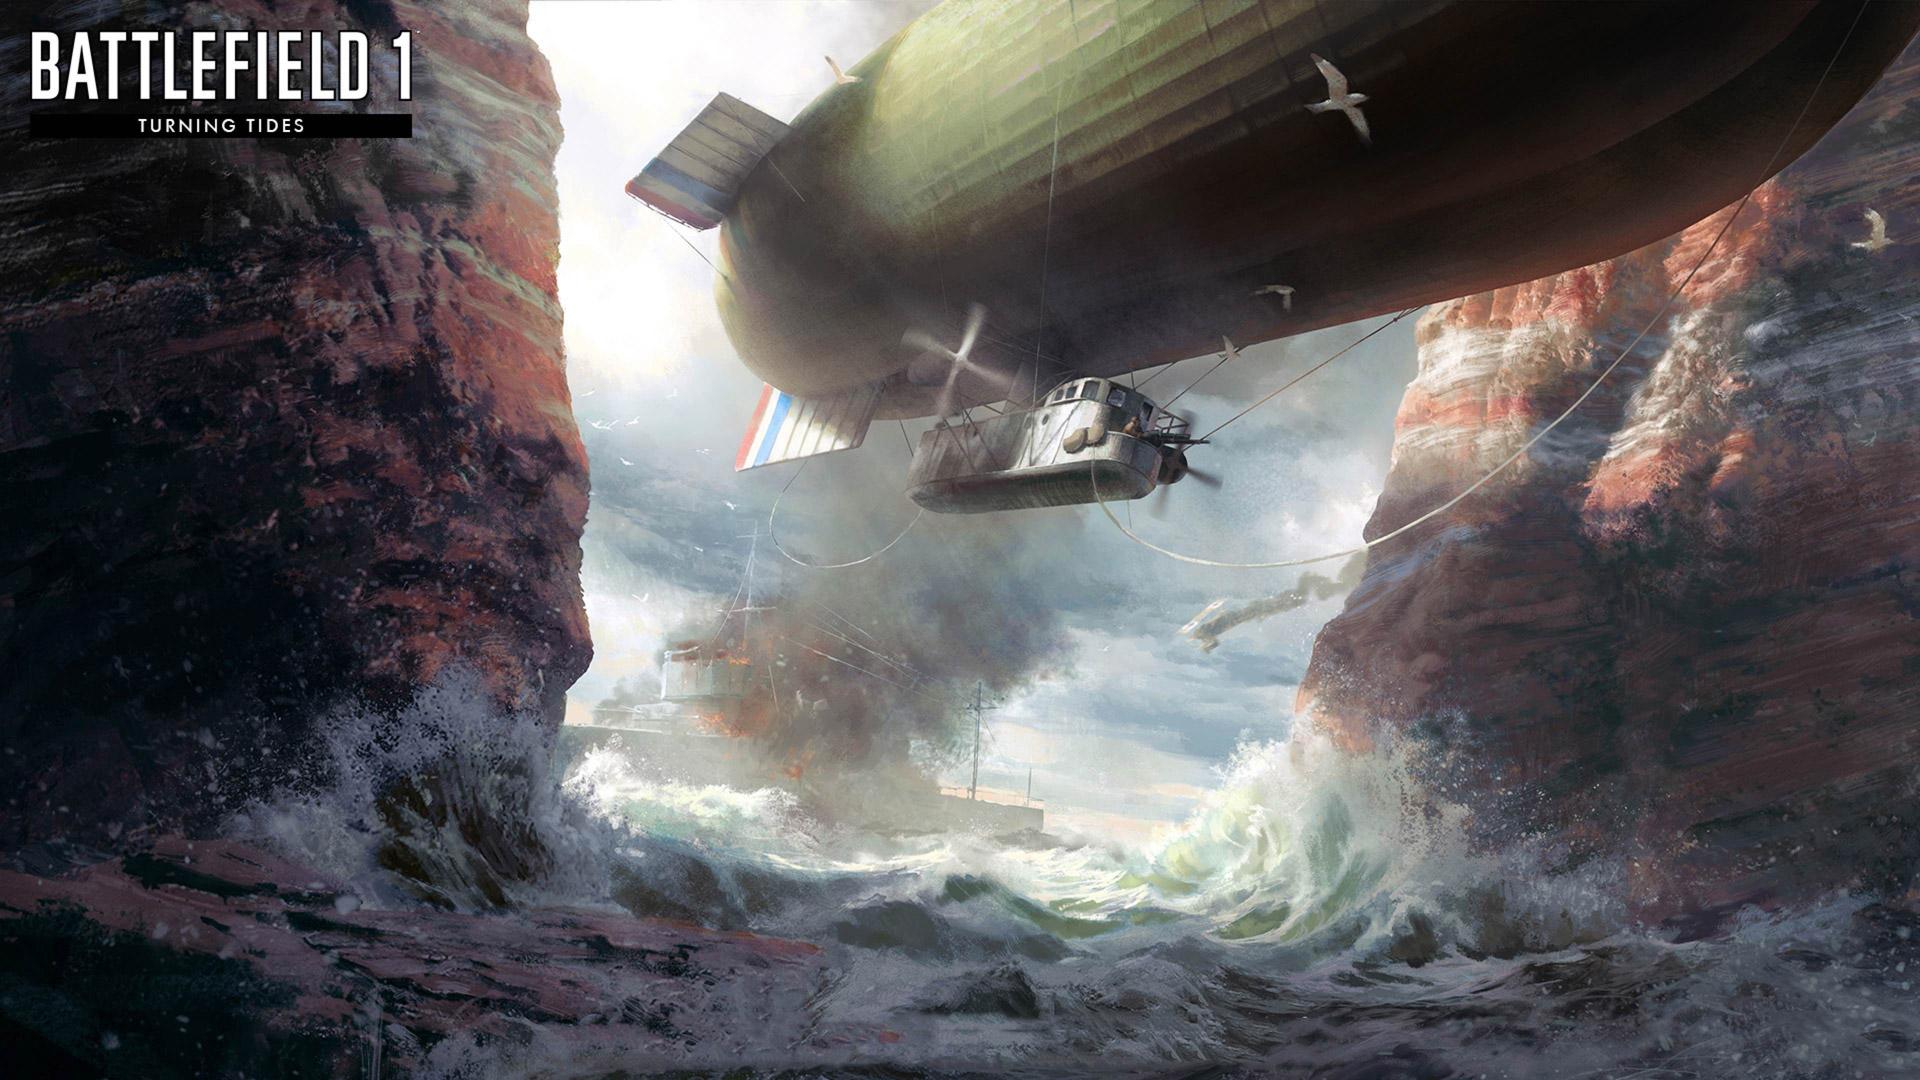 Battlefield 1 Wallpaper in 1920x1080